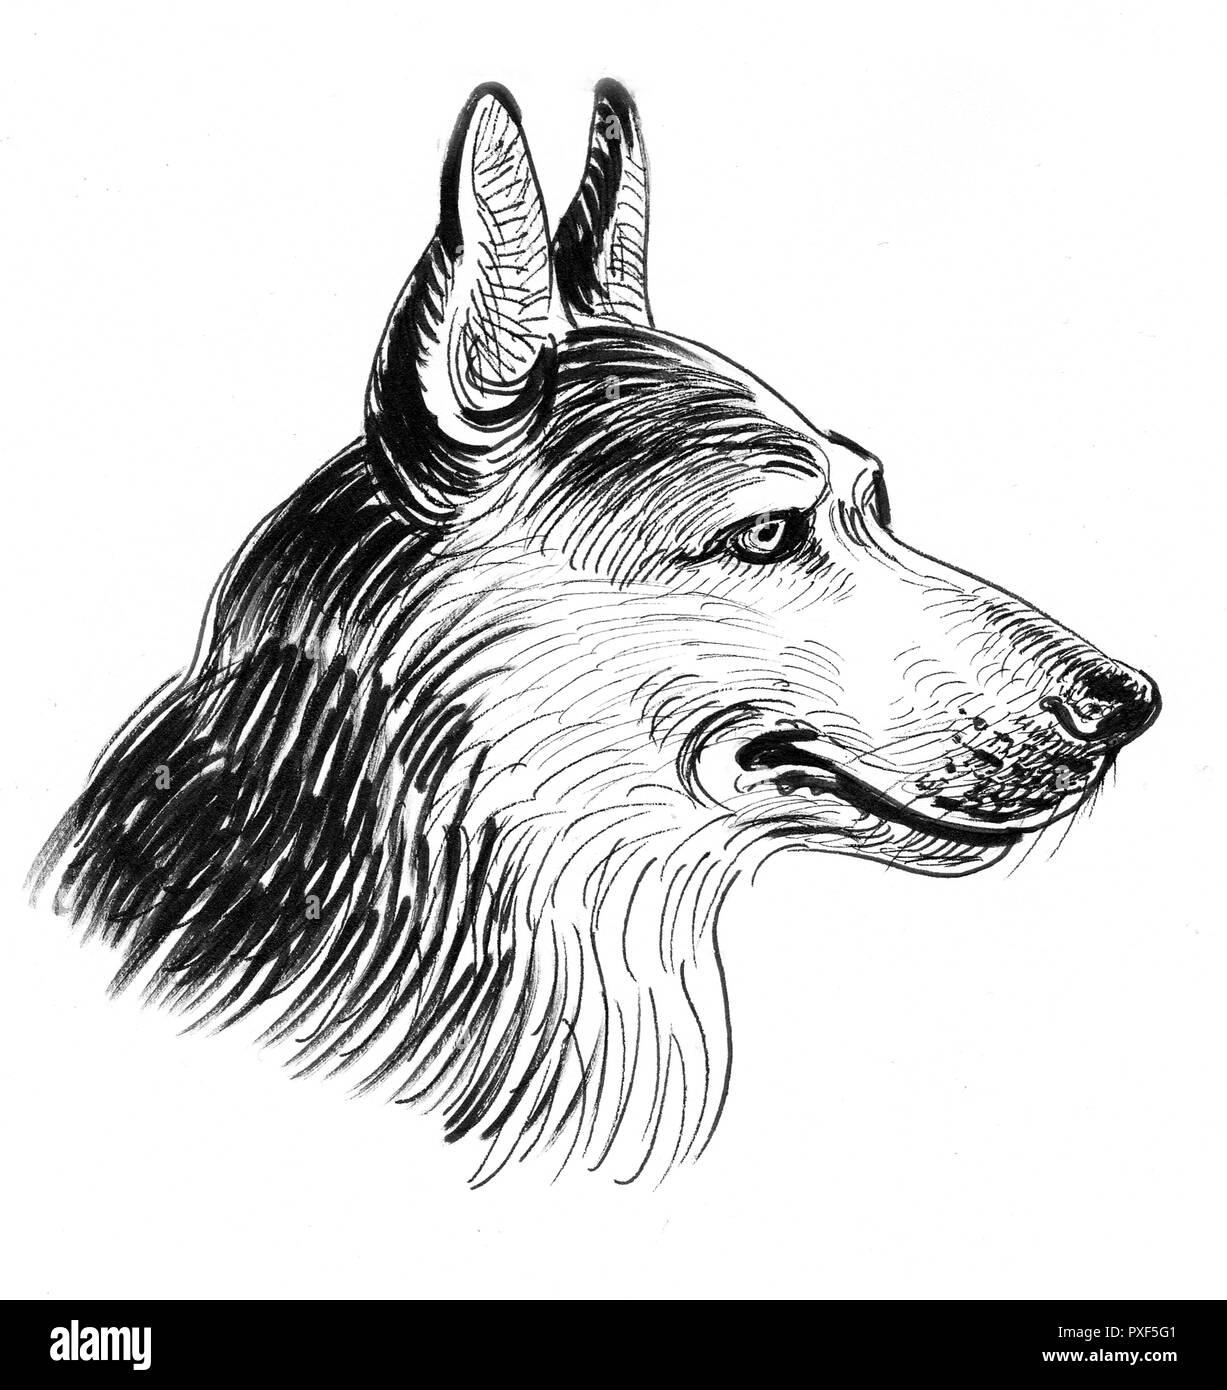 Cabeza De Perro Pastor Alemán Dibujo En Blanco Y Negro De